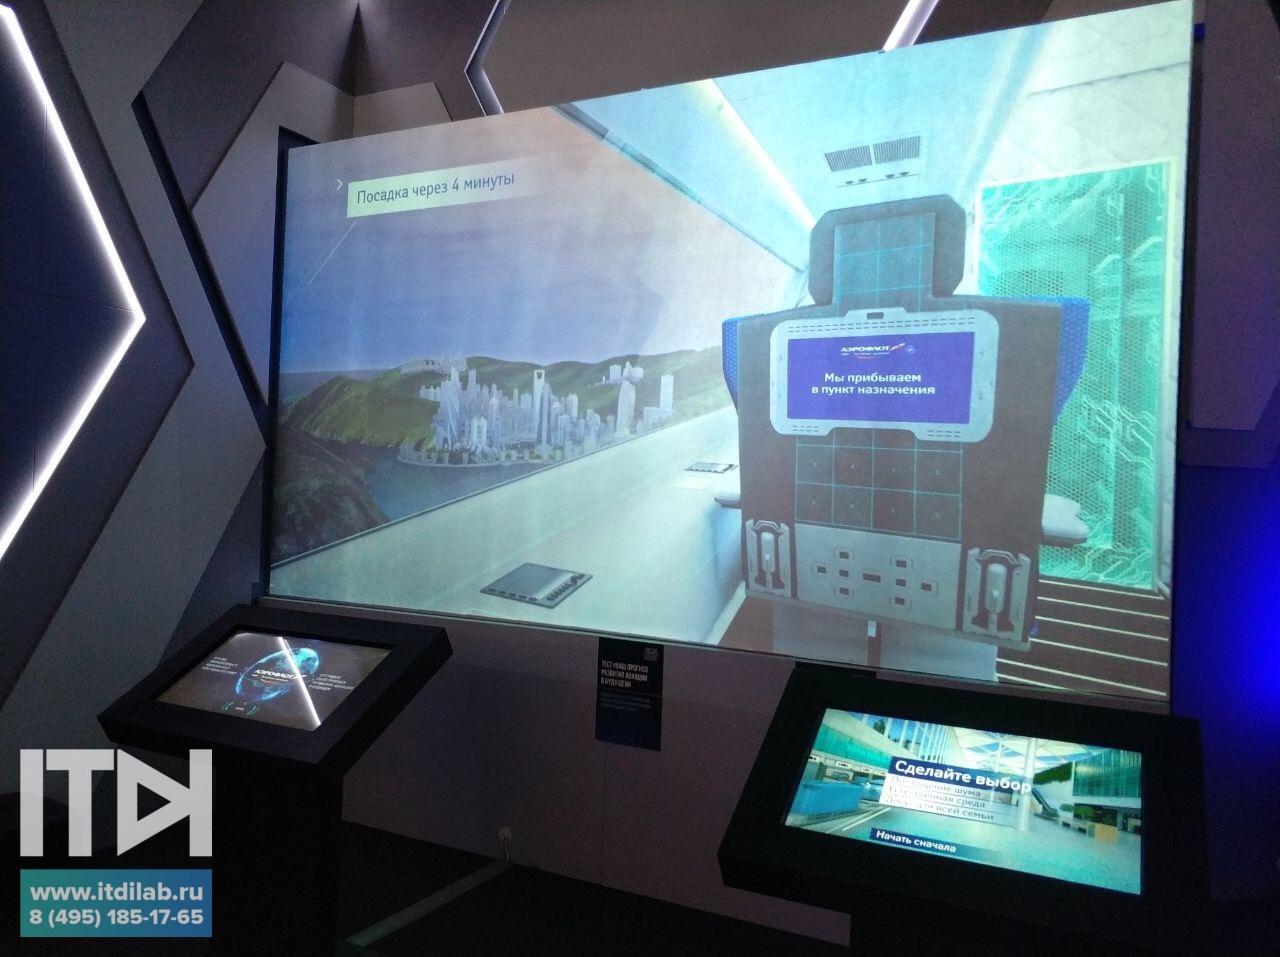 Компания ITDILAB совместно с компанией APPOLLO DIGITAL разработали проект бустройства целого обучающего центра компании Аэрофлот